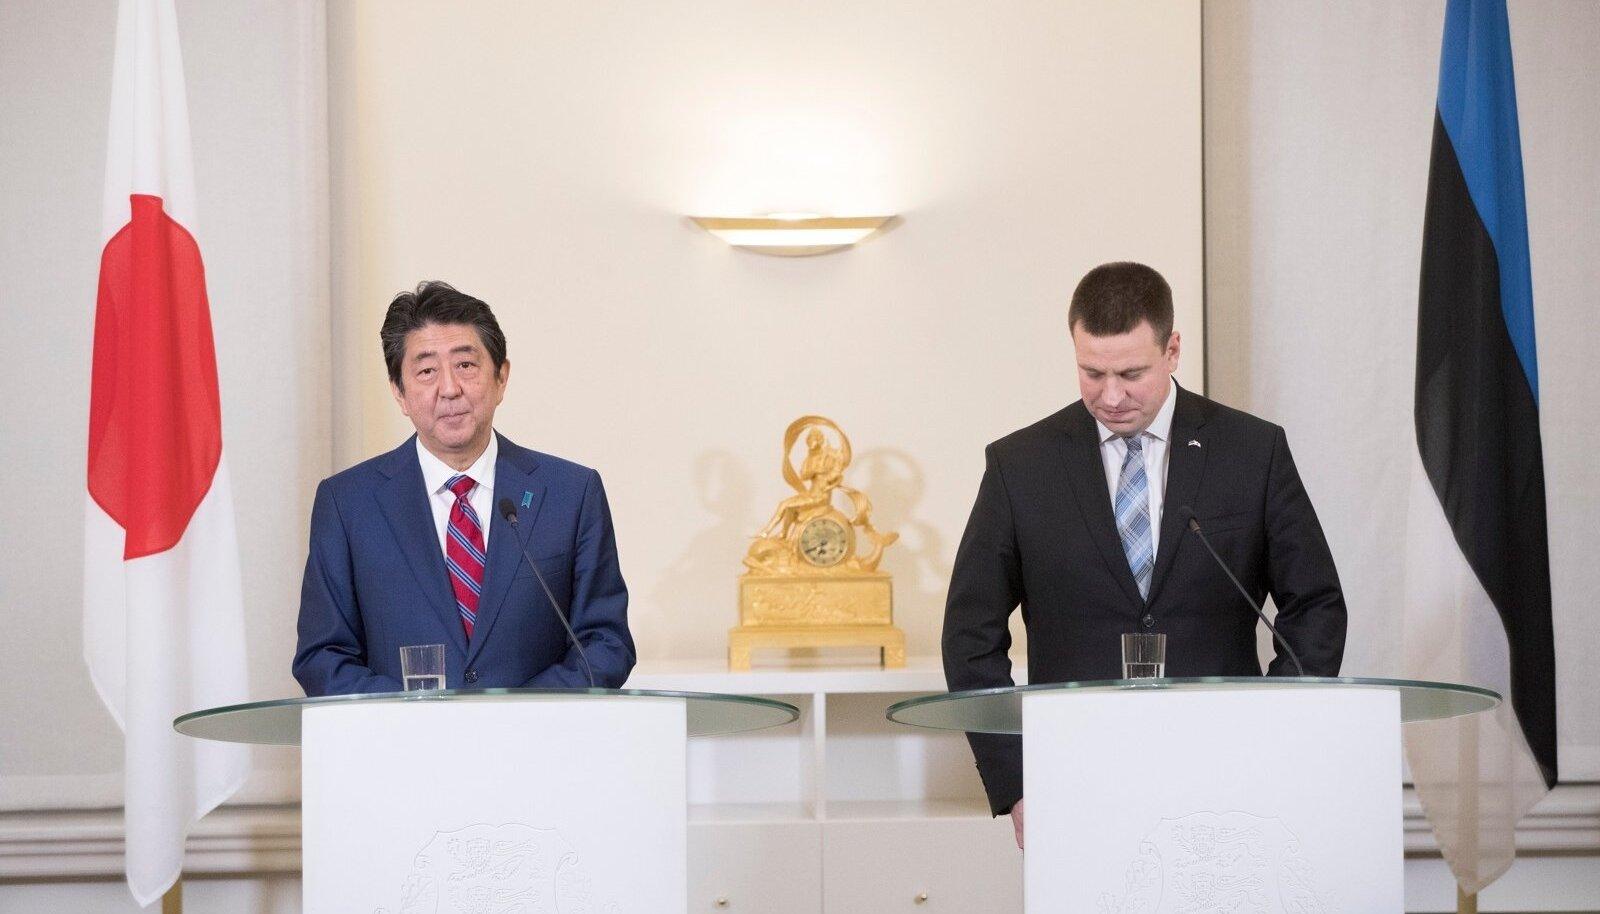 Jaapani peaminister Shinzo Abe ja Eesti peaminister Jüri Ratas.